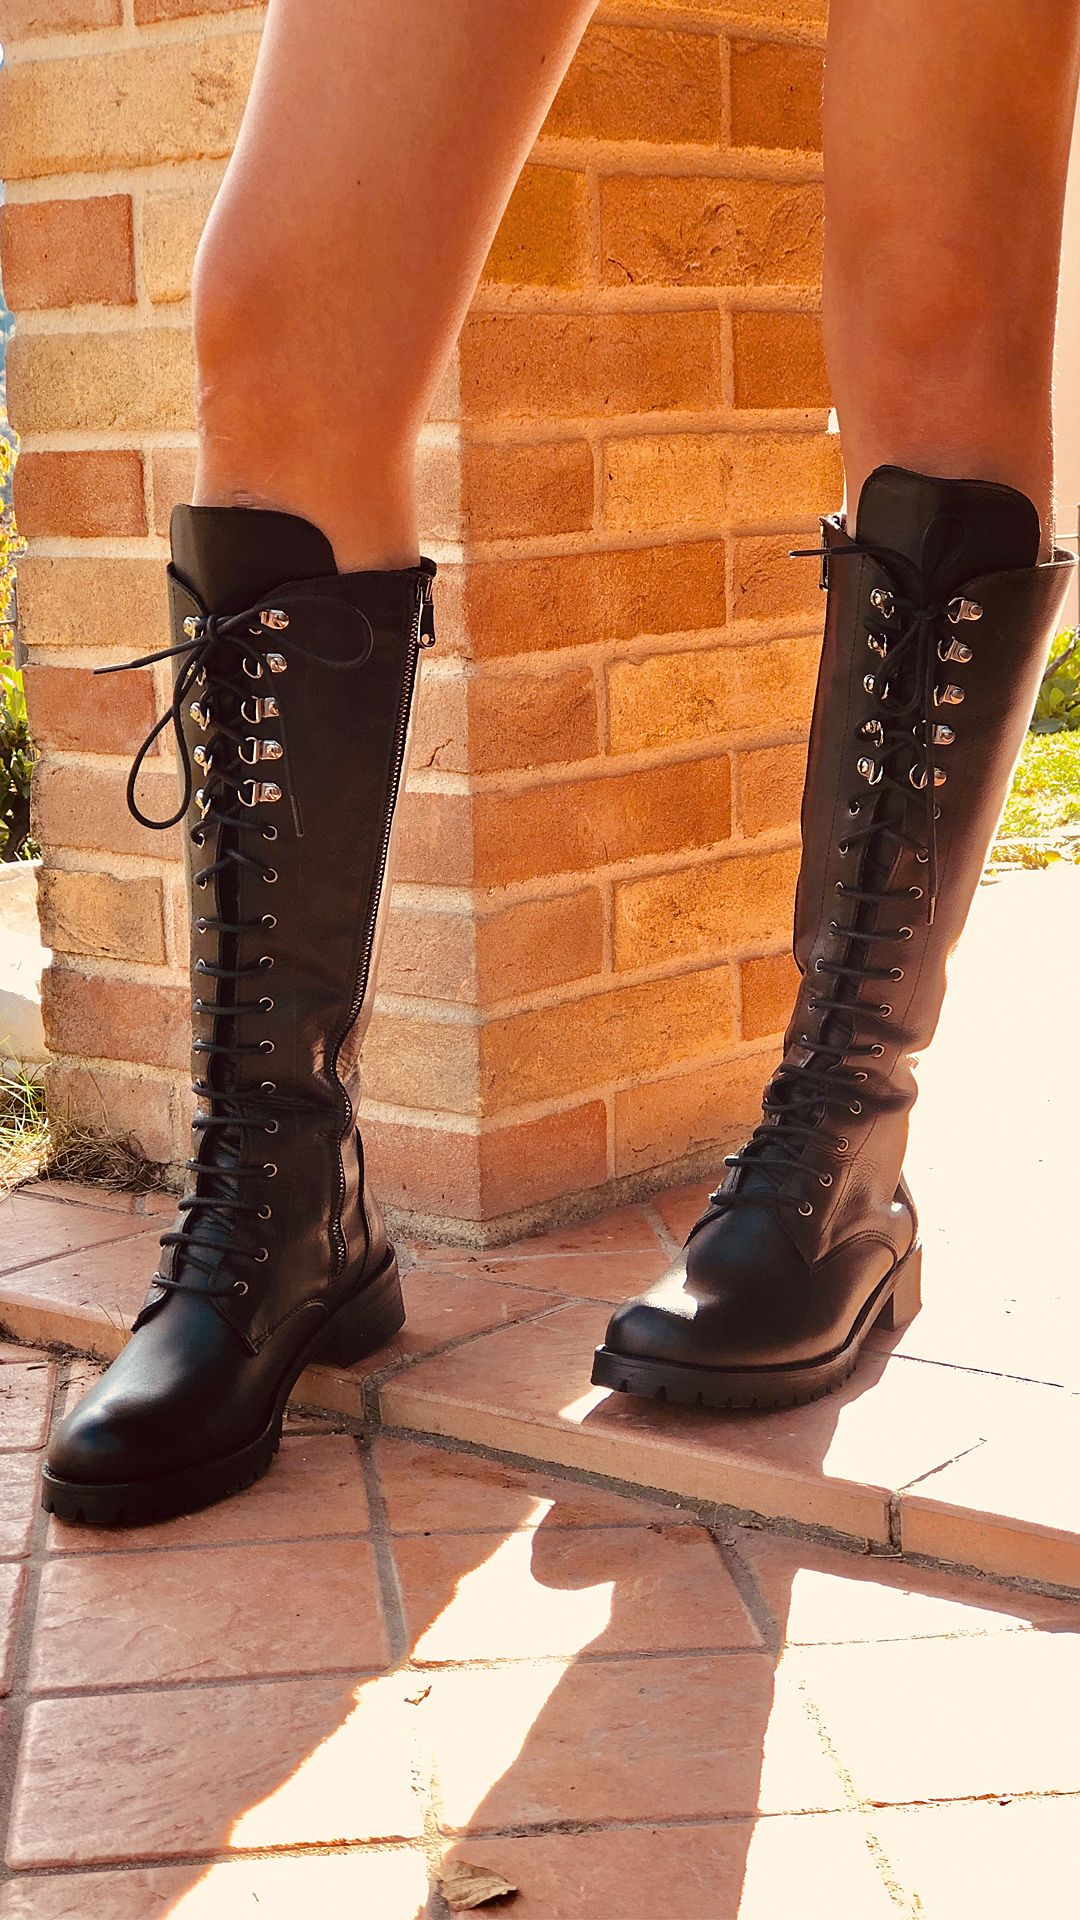 Stivali Donna Alti Neri con Lacci in Vera Pelle Made in Italy b42cc30569f